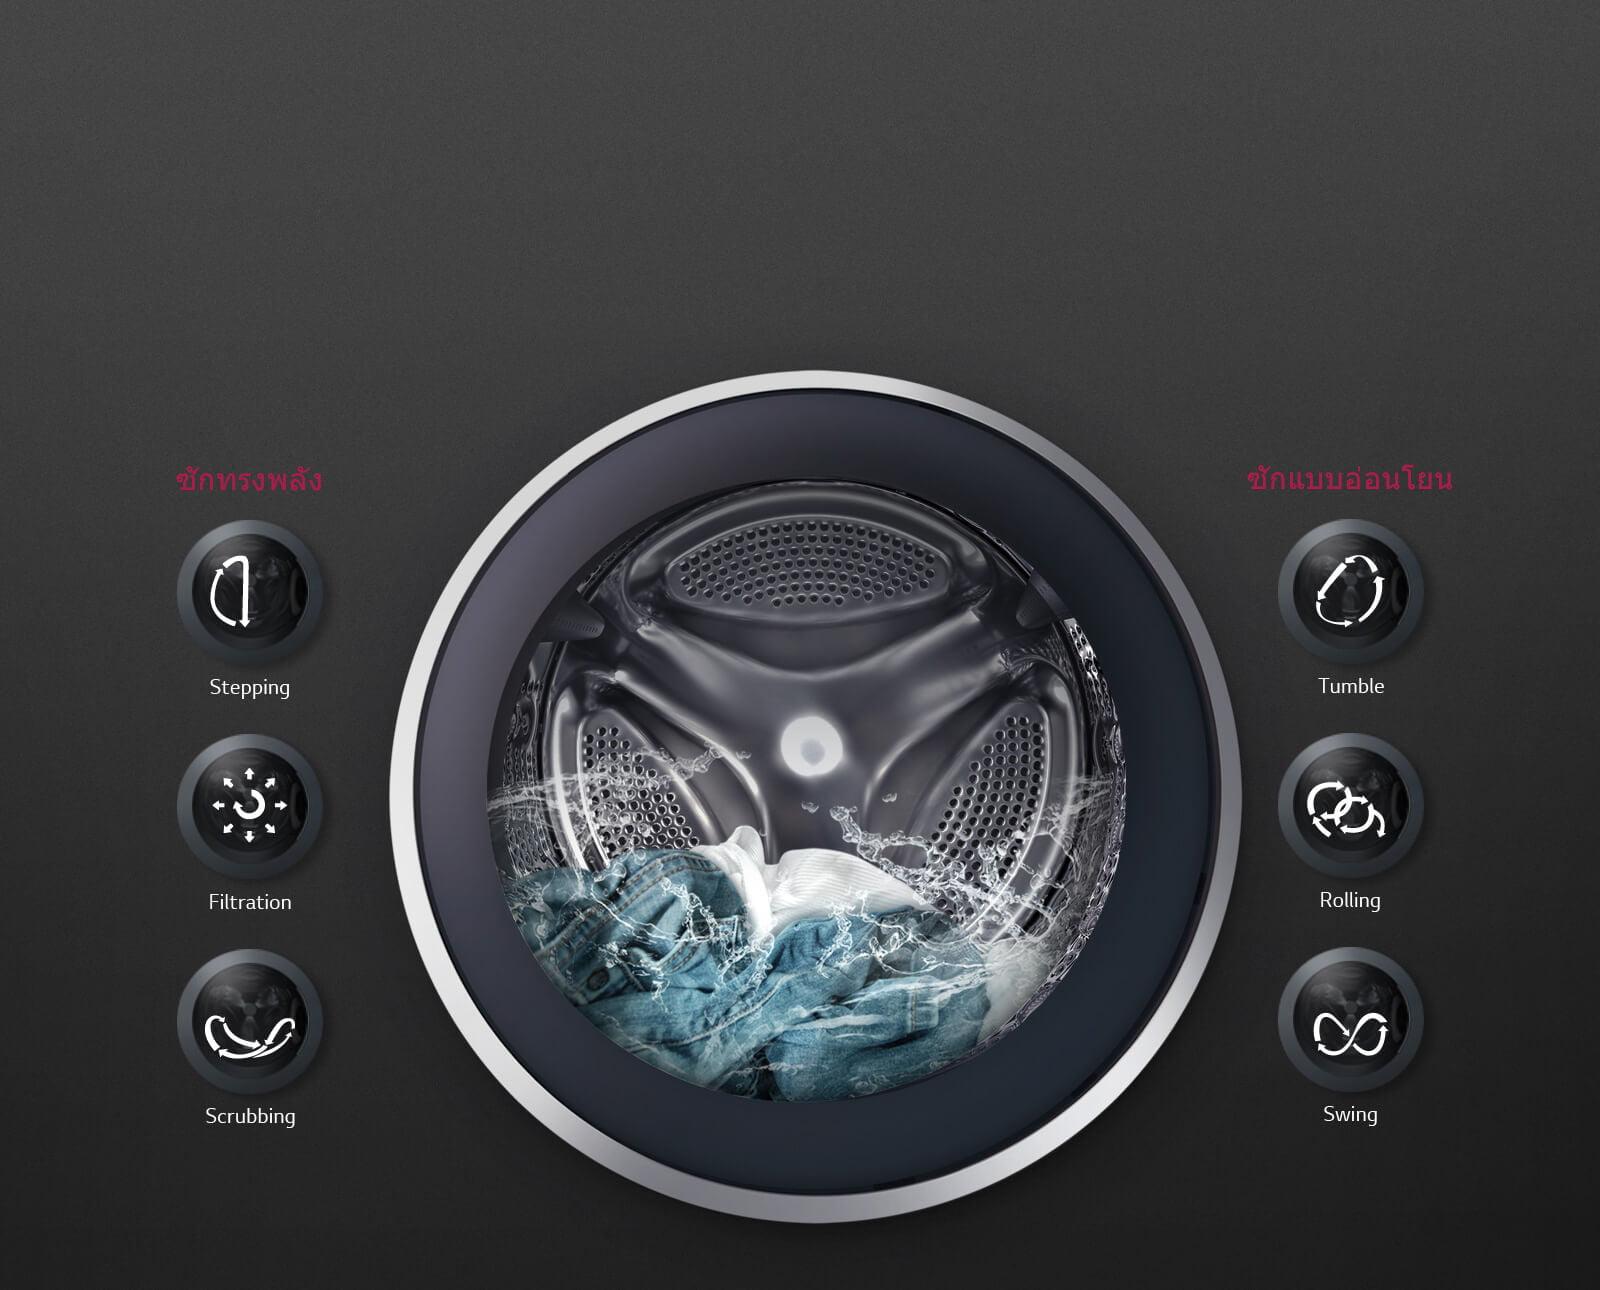 G FM1208N6W 6 Motion DD technology